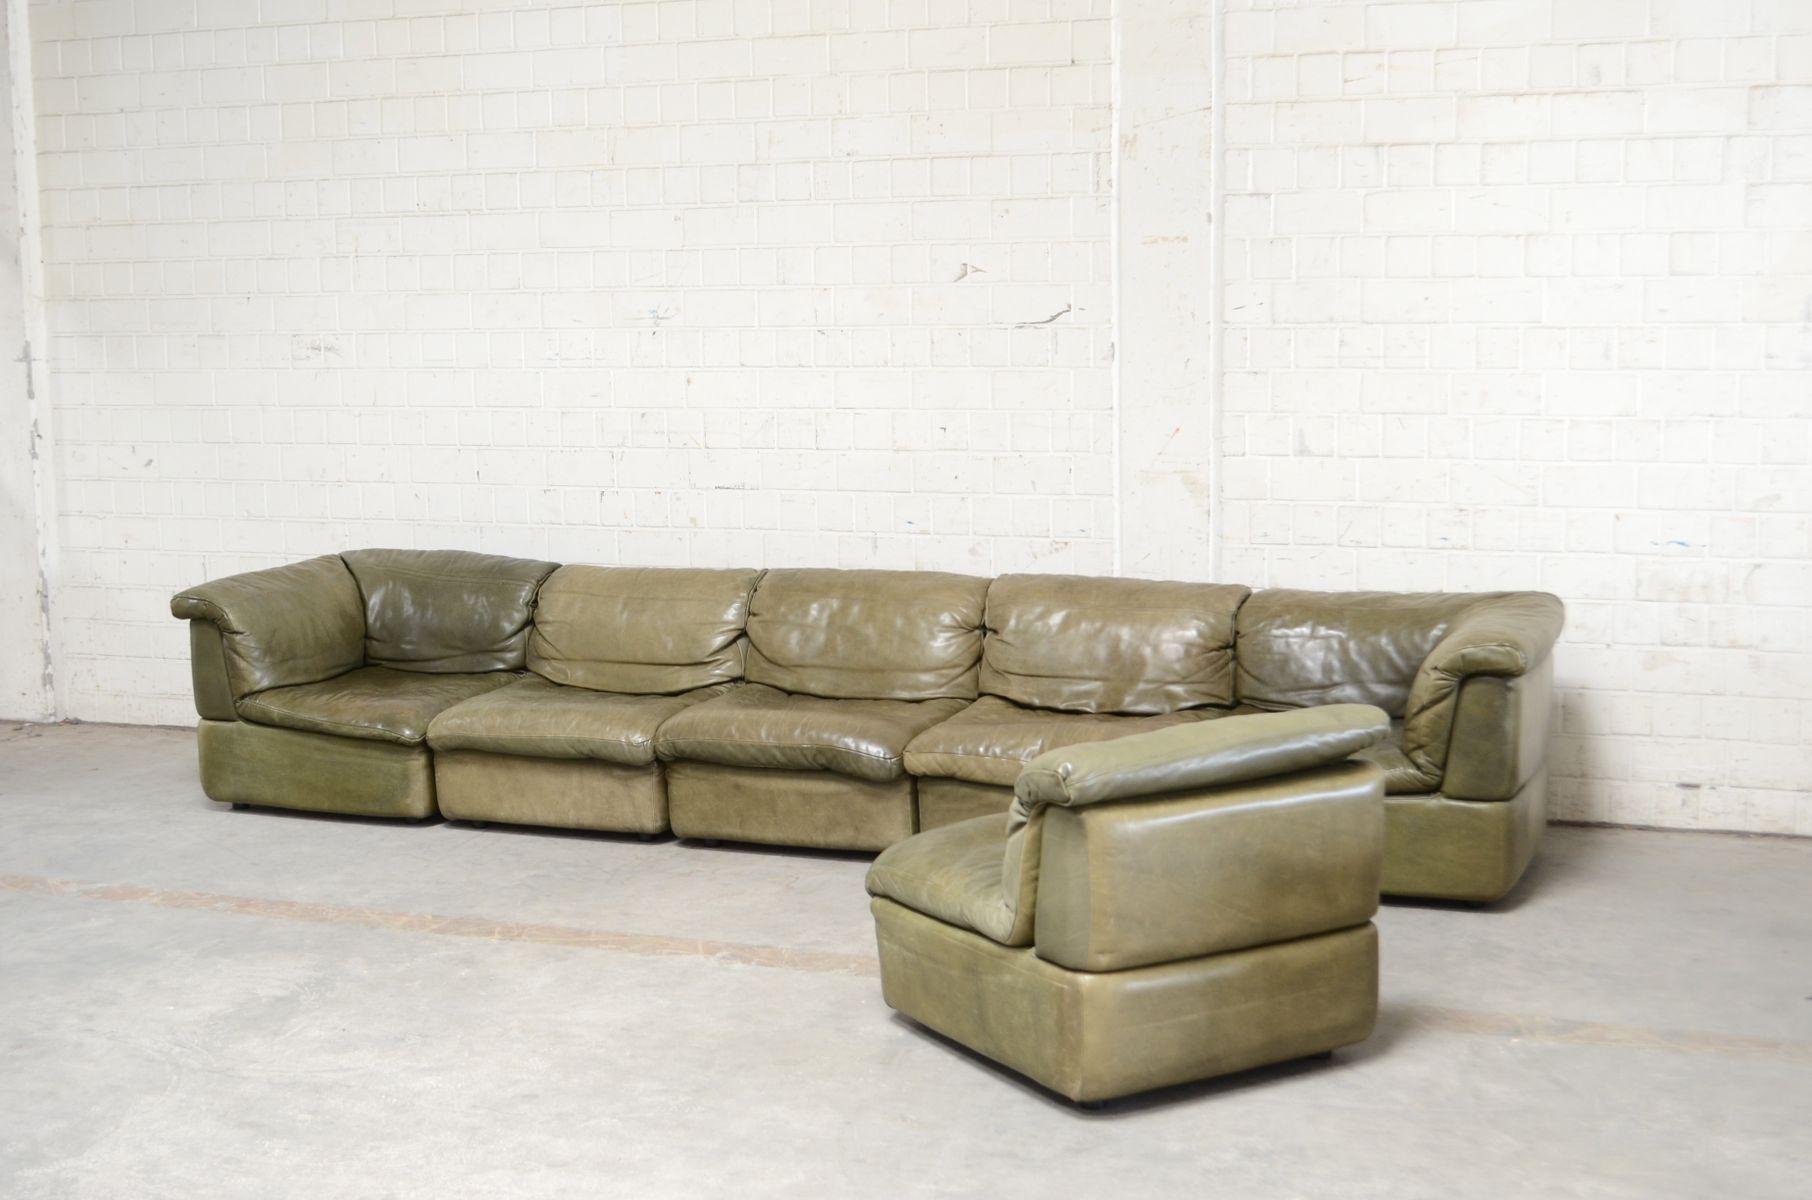 gr nes modulares vintage ledersofa von rolf benz 1970er. Black Bedroom Furniture Sets. Home Design Ideas